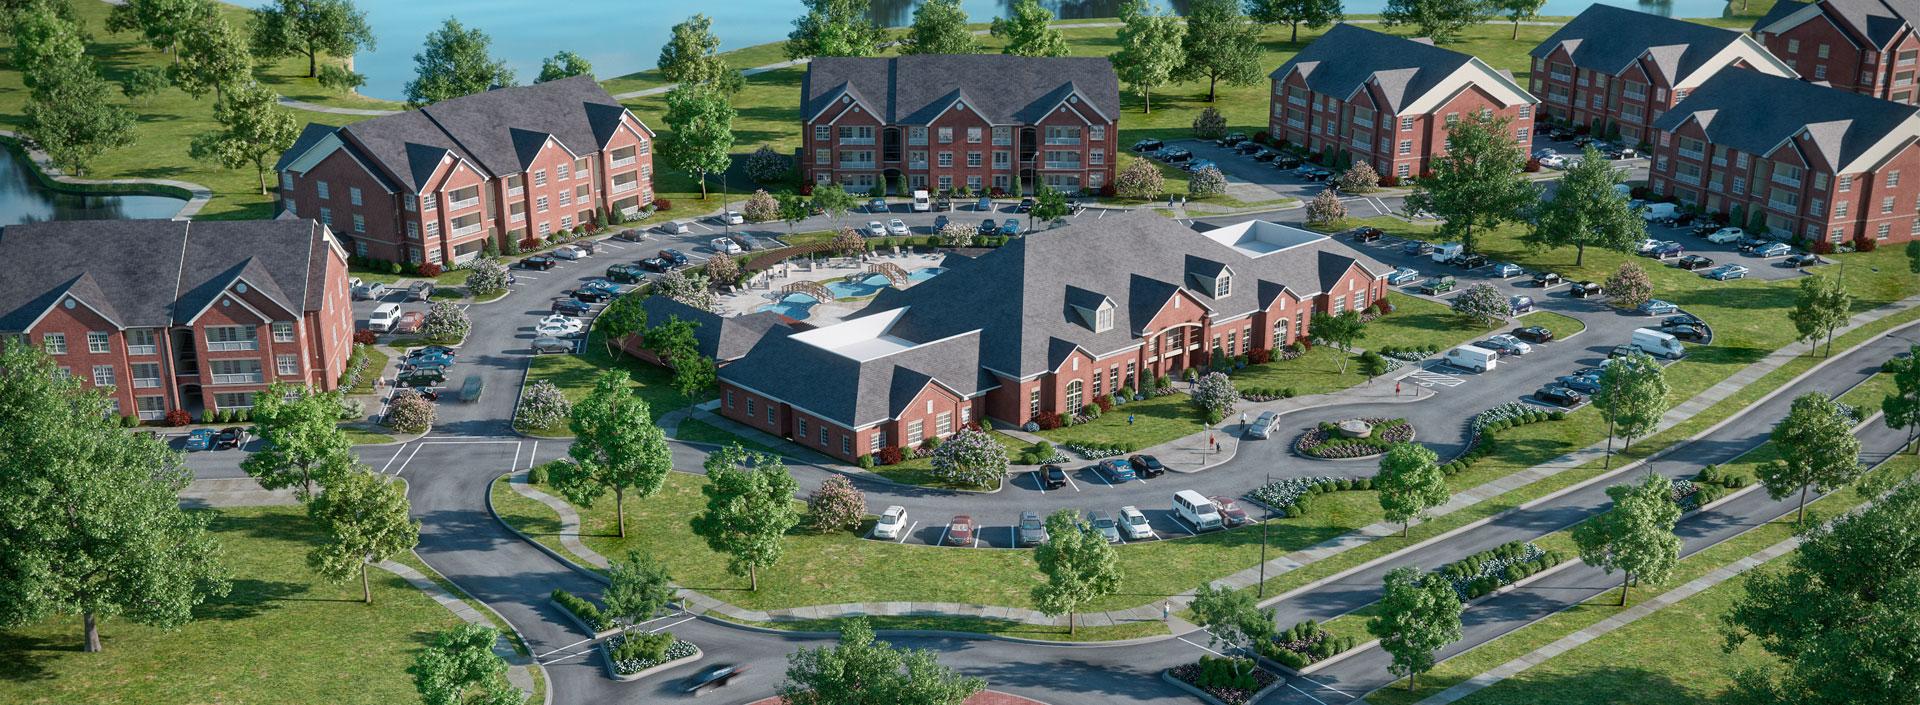 Residential, Columbia, Missouri. Aria Luxury Apartments